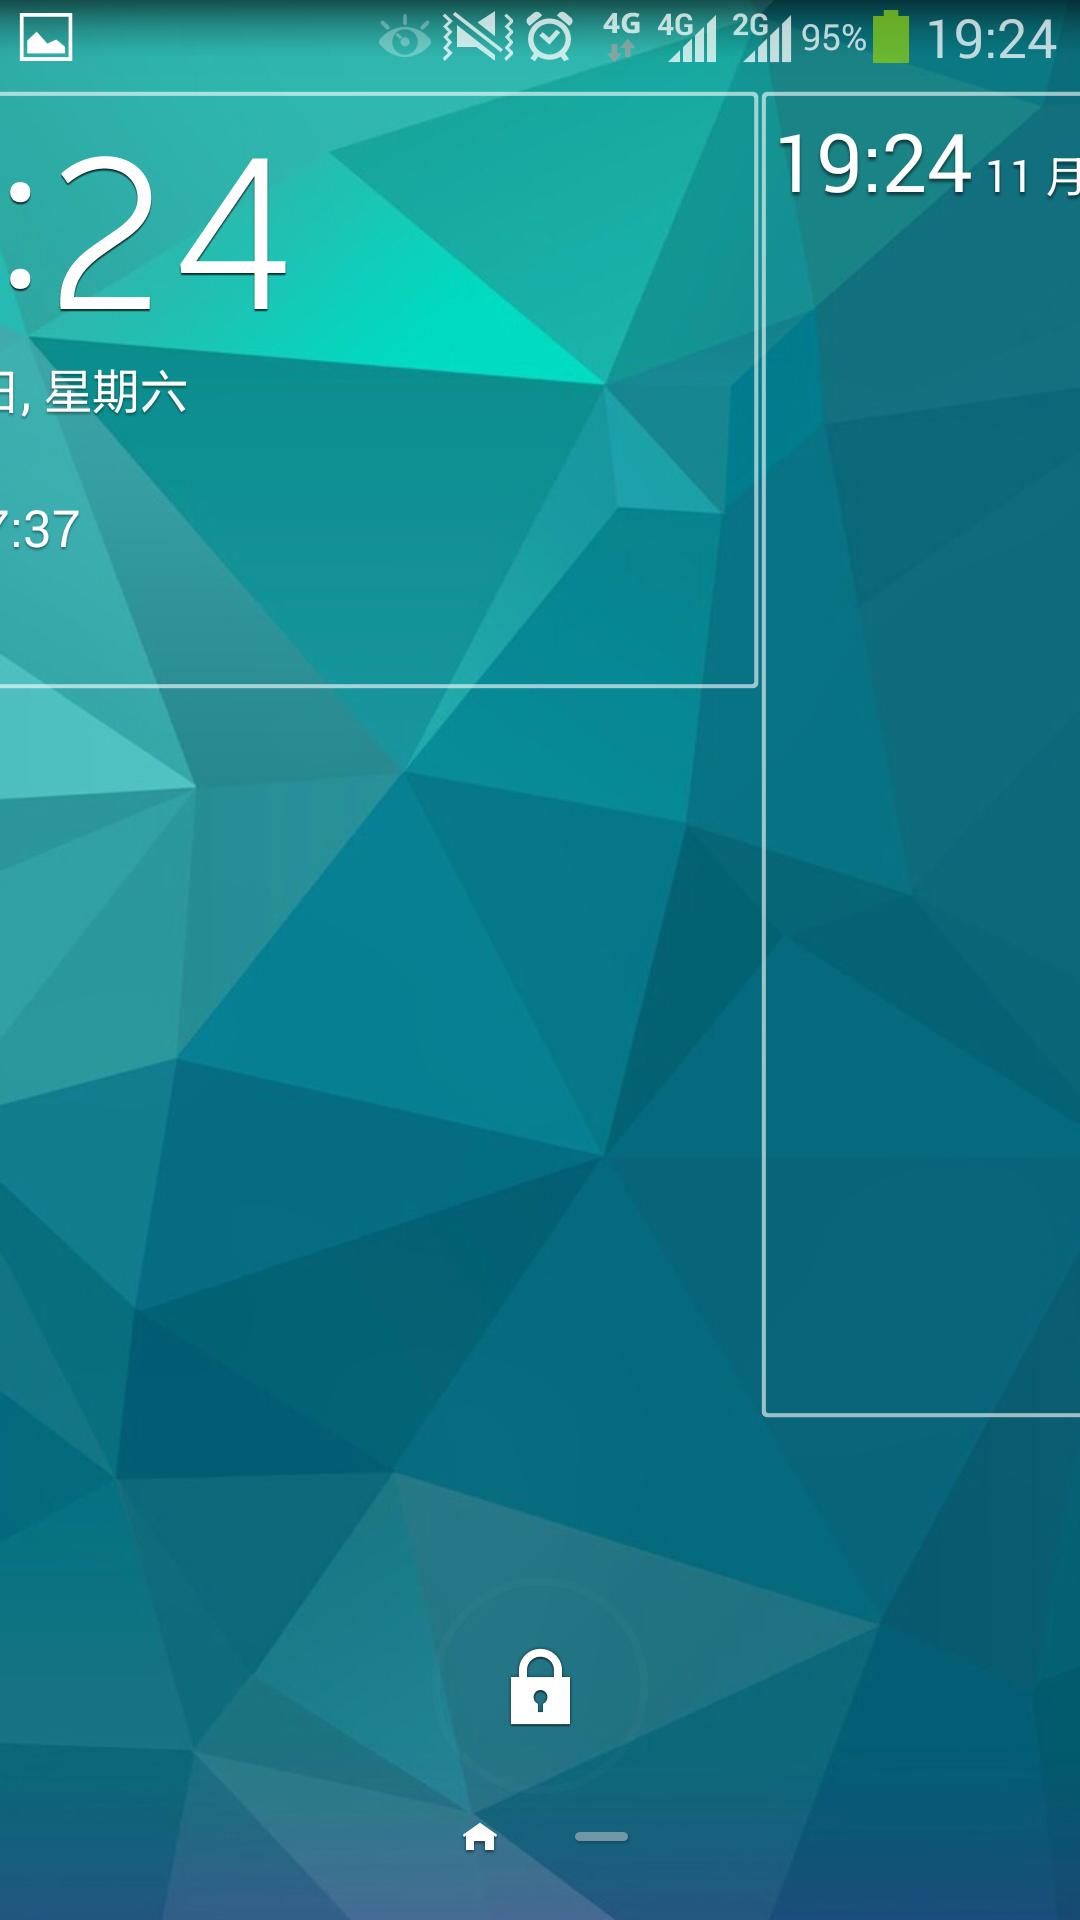 三星note3锁屏界面自己变了, 不知道怎么调回来